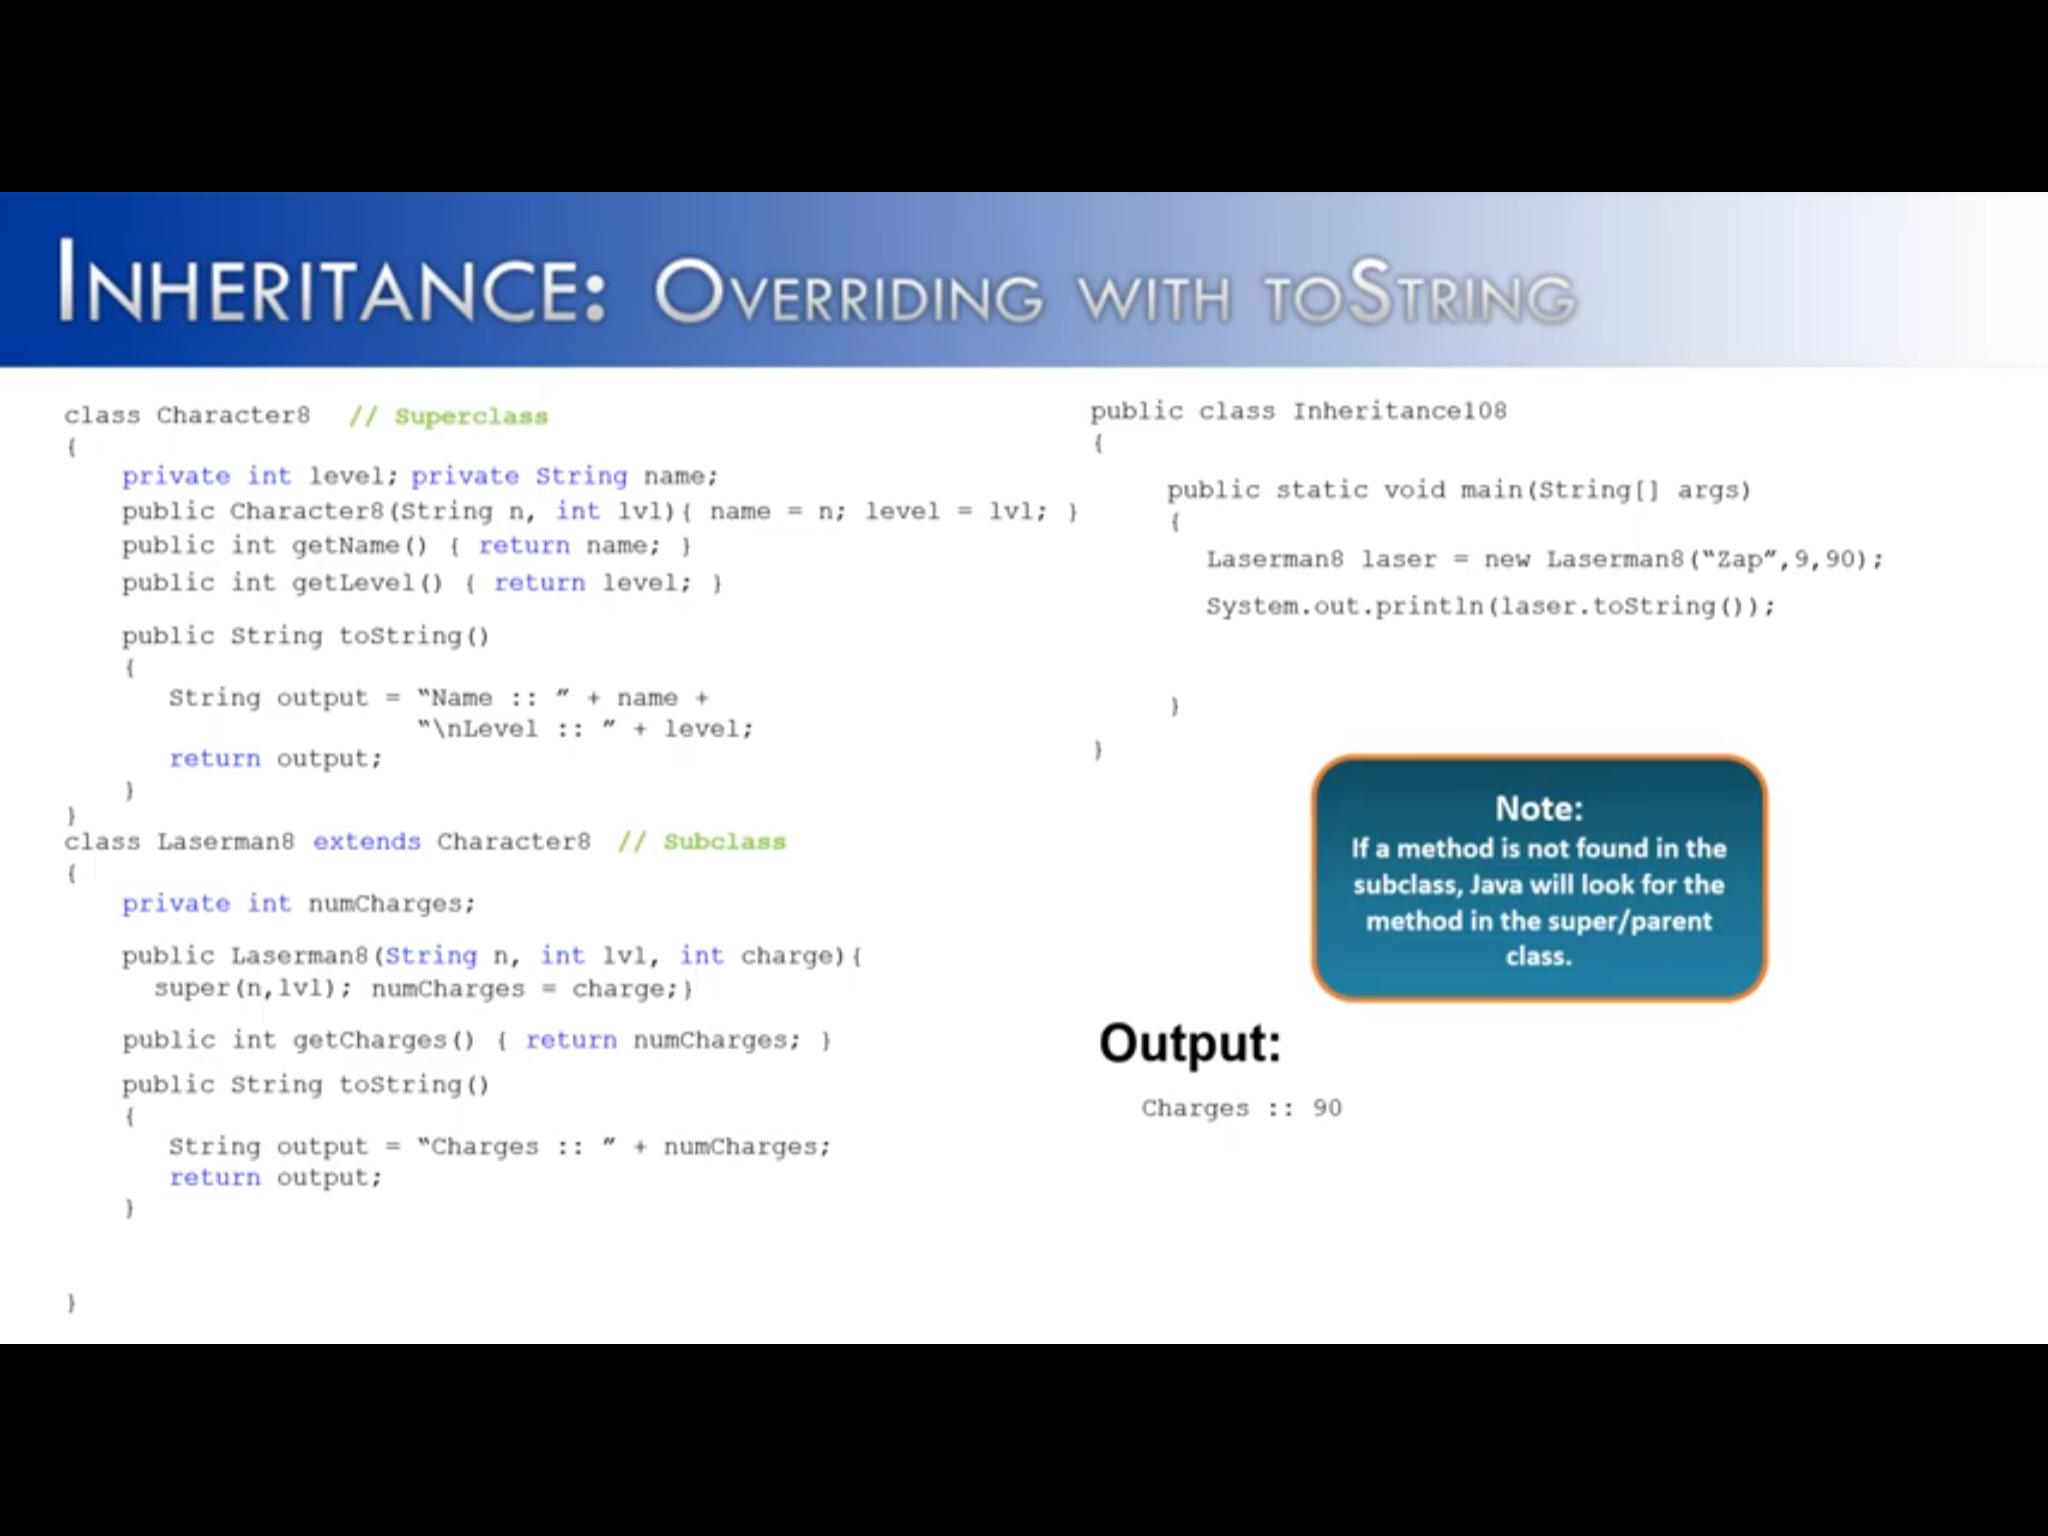 Pin by V on 3c1 Java Core (inheritance) Inheritance, Zap